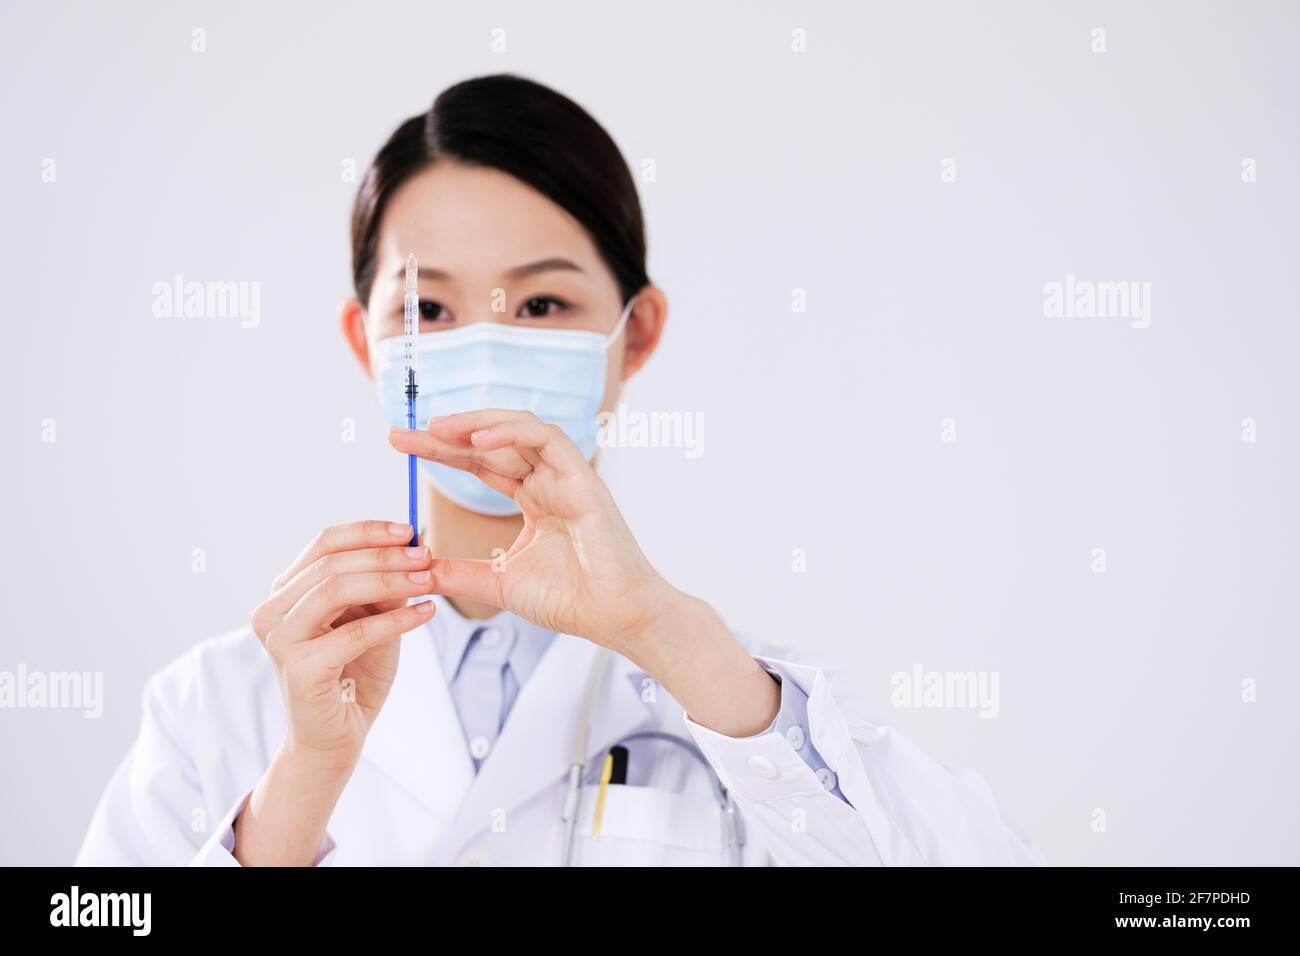 Une femme médecin avec un masque utilise un front de seringue vue Banque D'Images